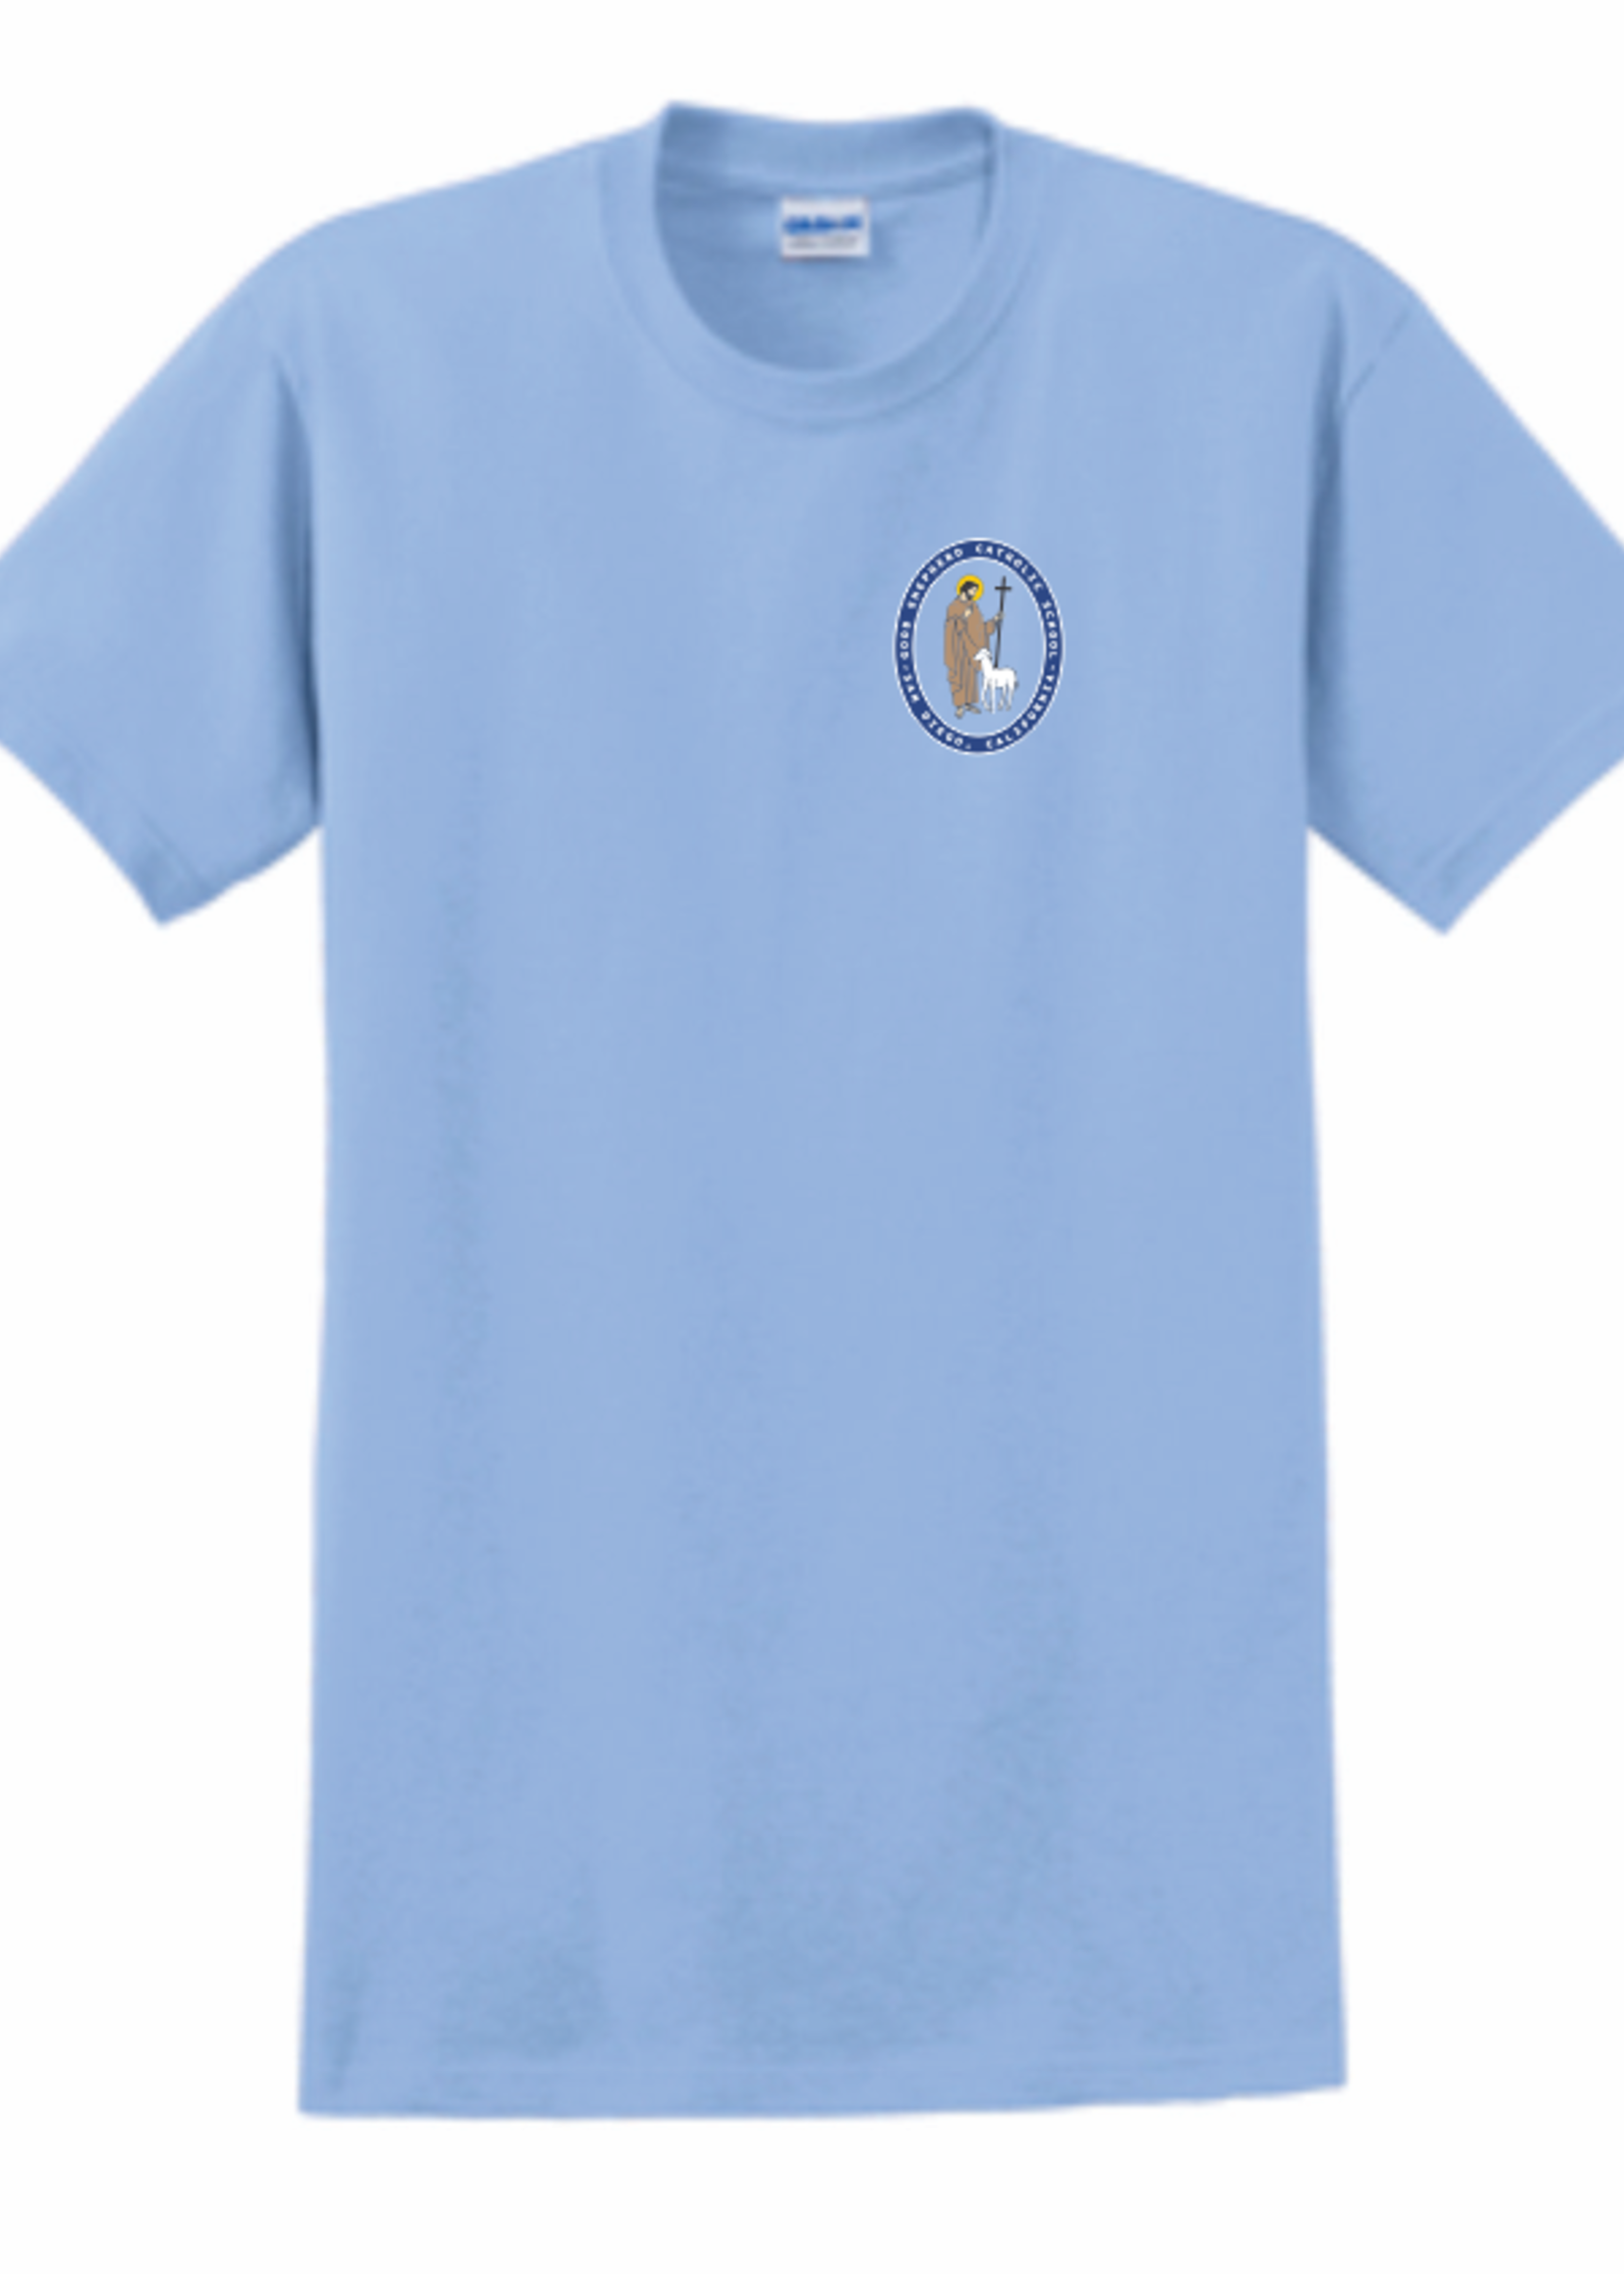 GSCS  Lt. Blue Short Sleeve T-Shirt